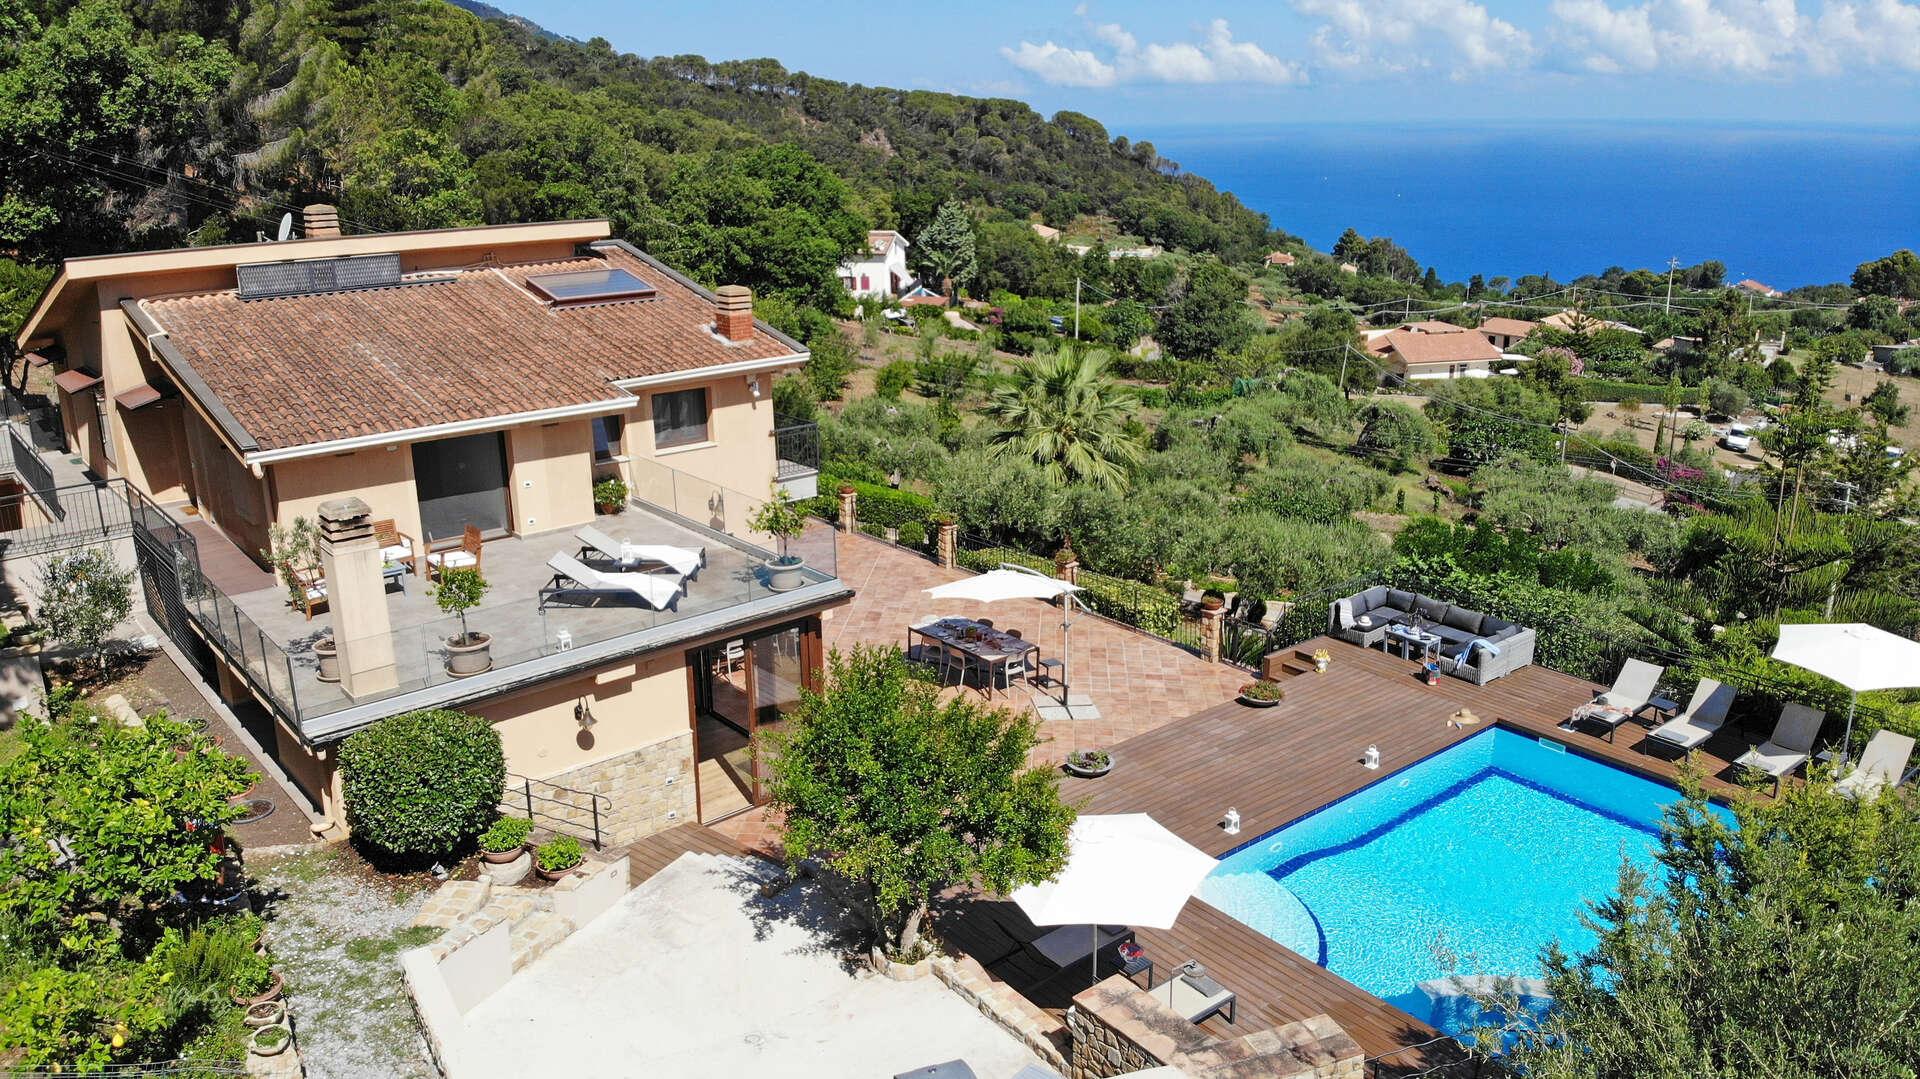 - Villa Provenza - Image 1/23